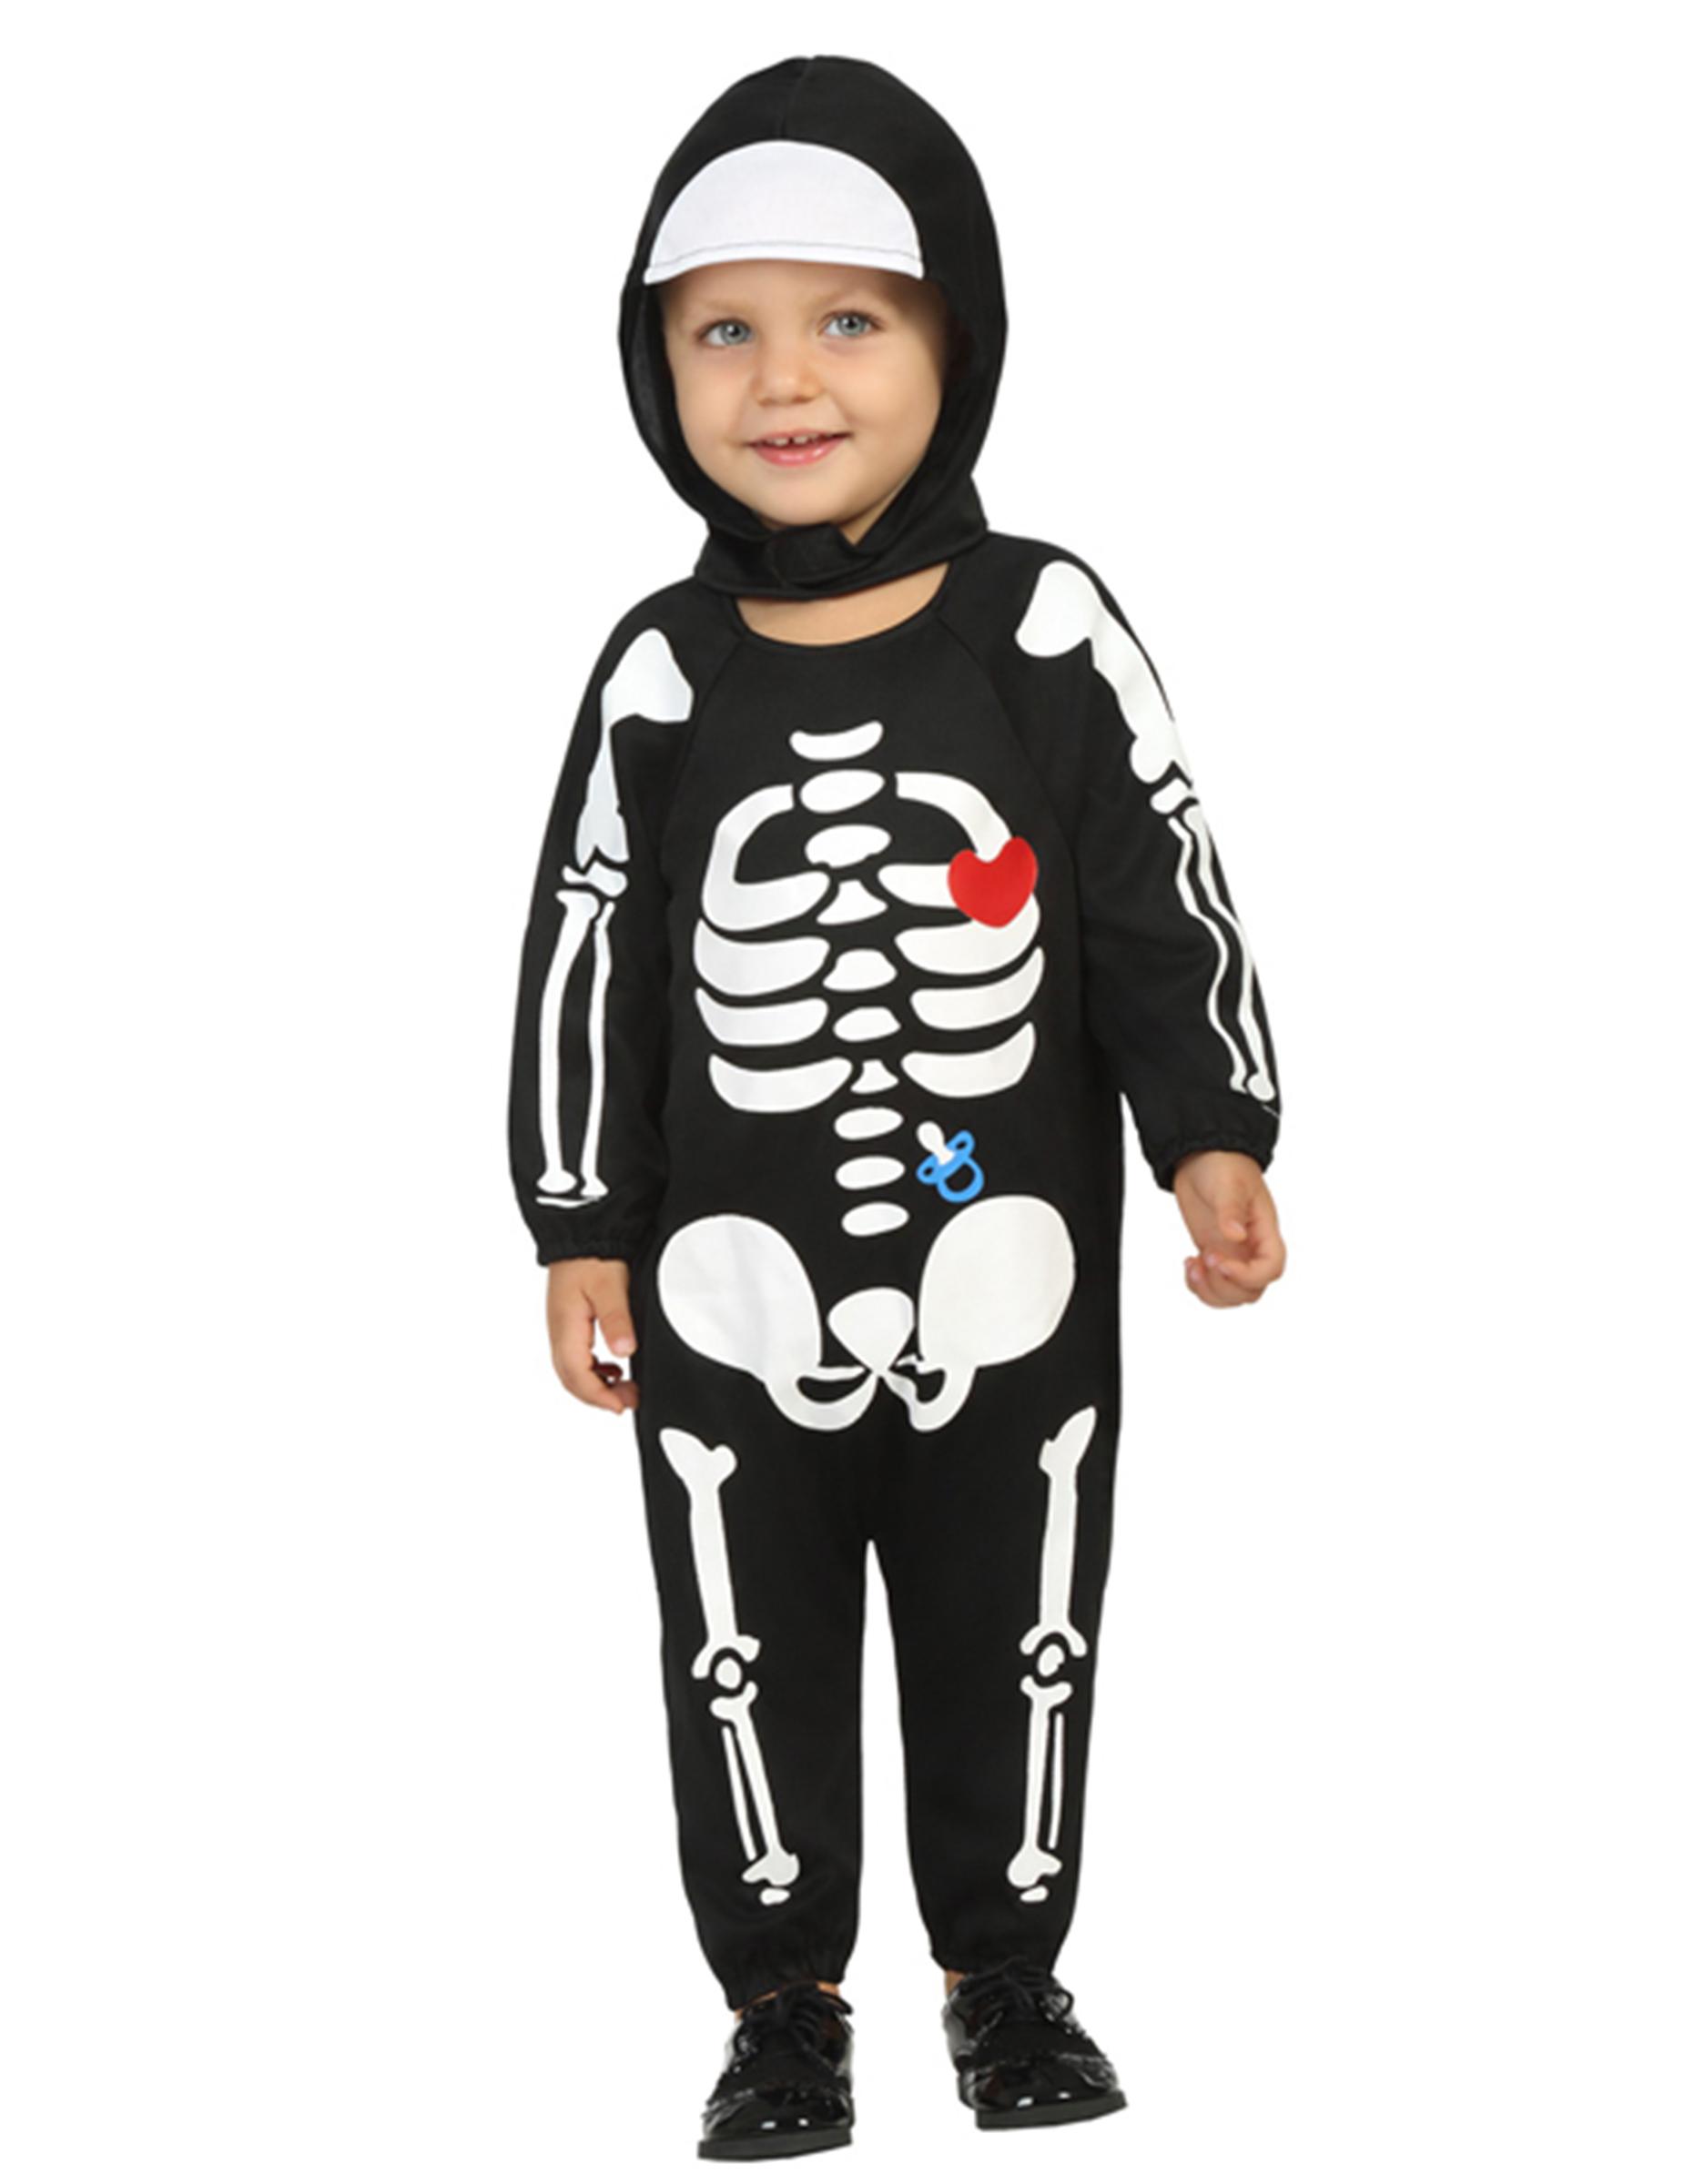 Costume da scheletro bambino per Halloween  Costumi bambini 9775321e0e5